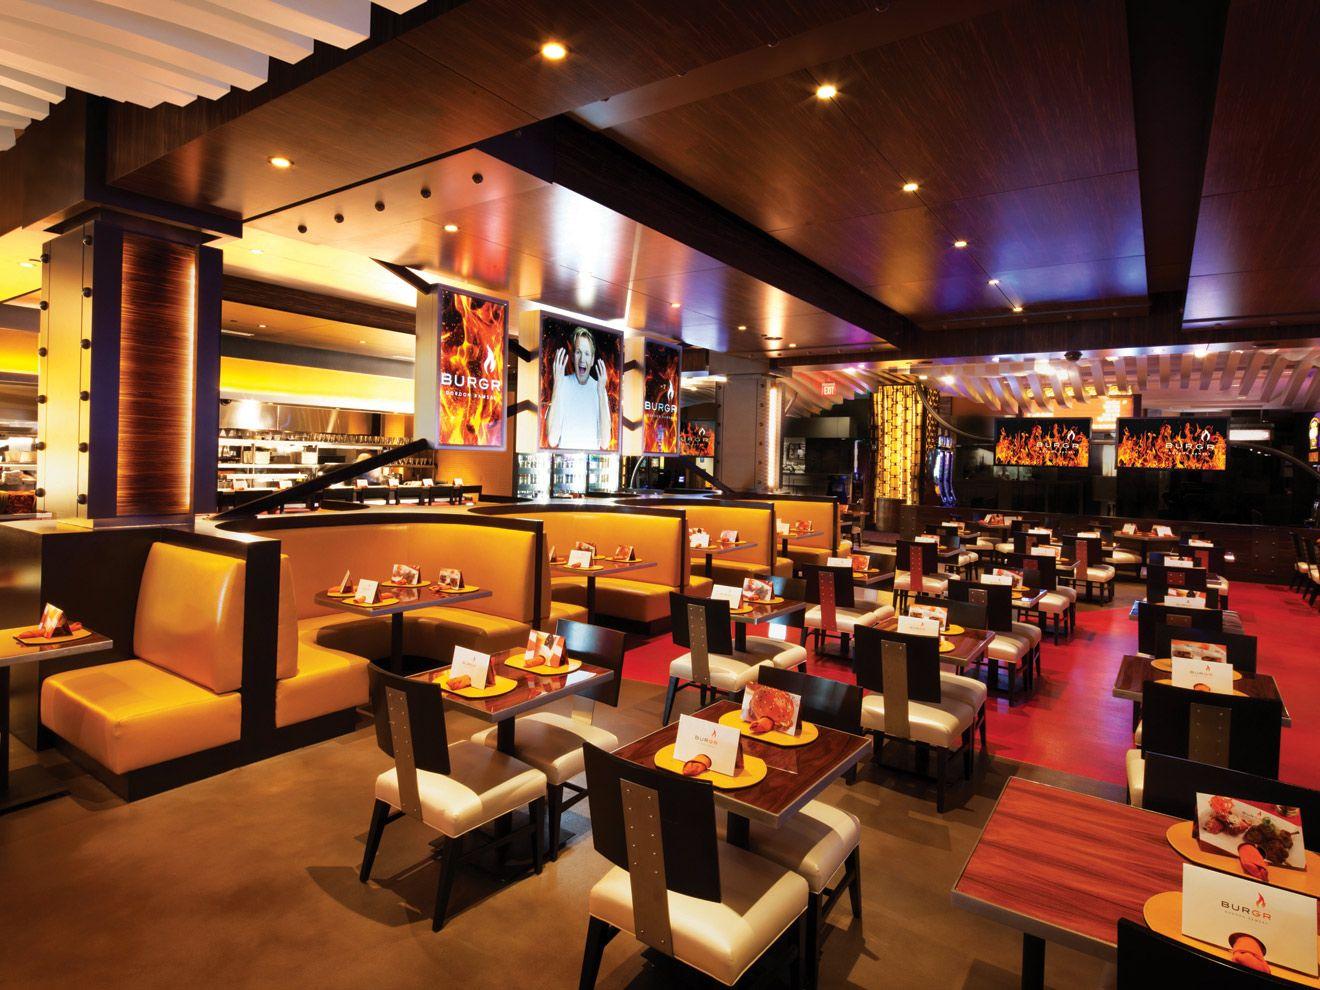 The Best Family Restaurants In Las Vegas Family Vacation Hub Las Vegas Family Vacation Las Vegas Restaurants Vegas Restaurants